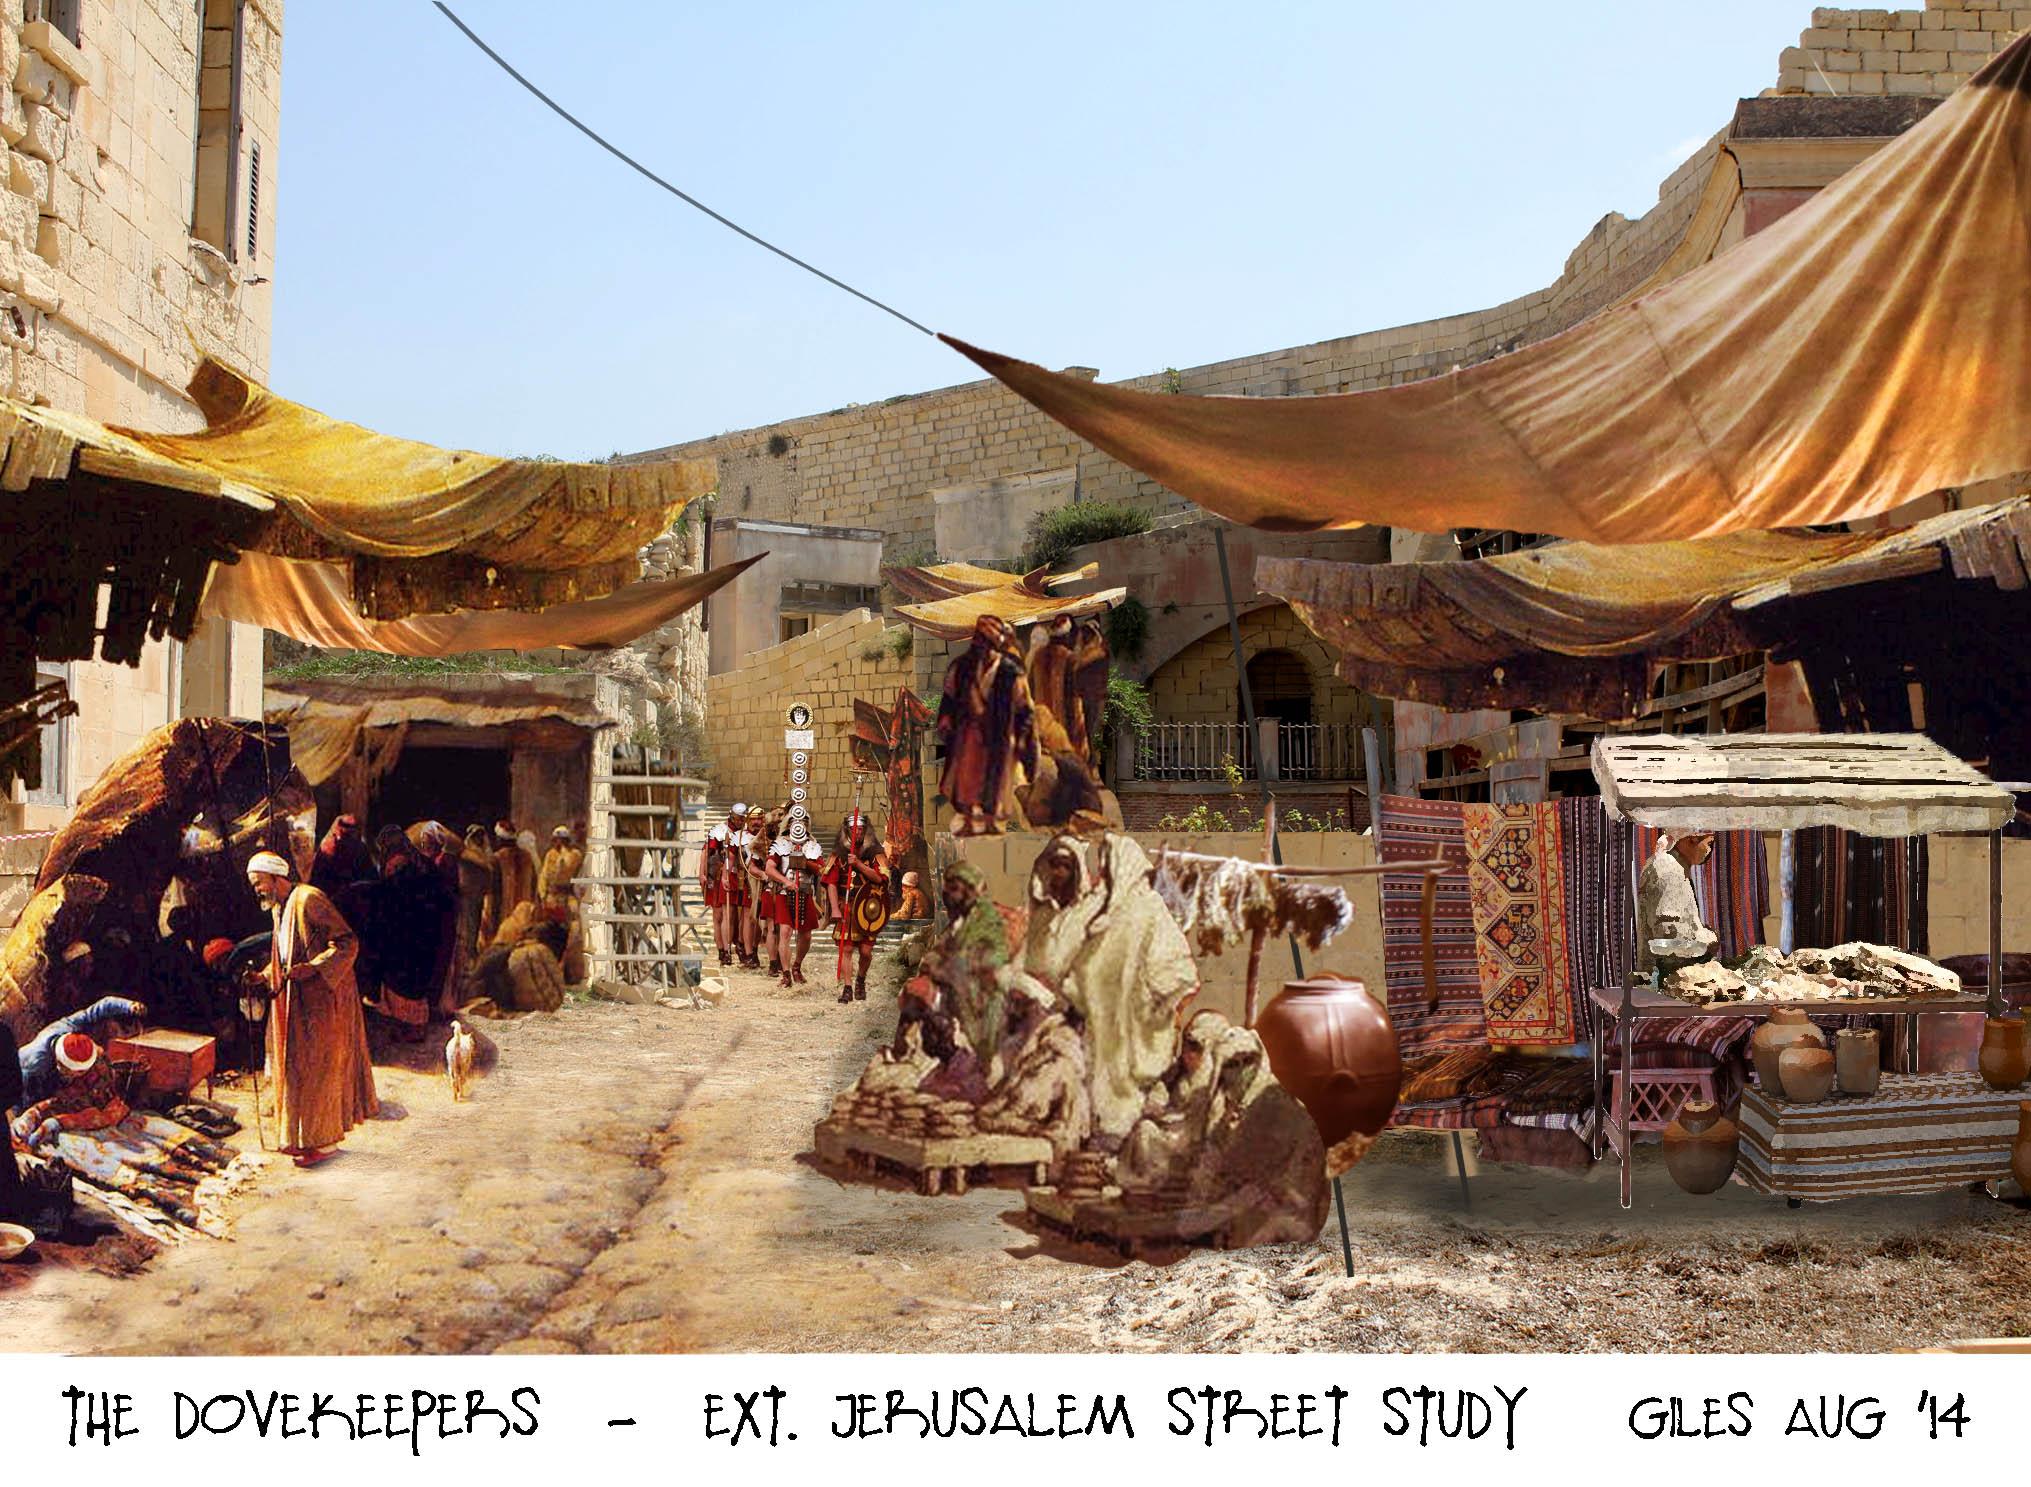 Jerusalem street sketch